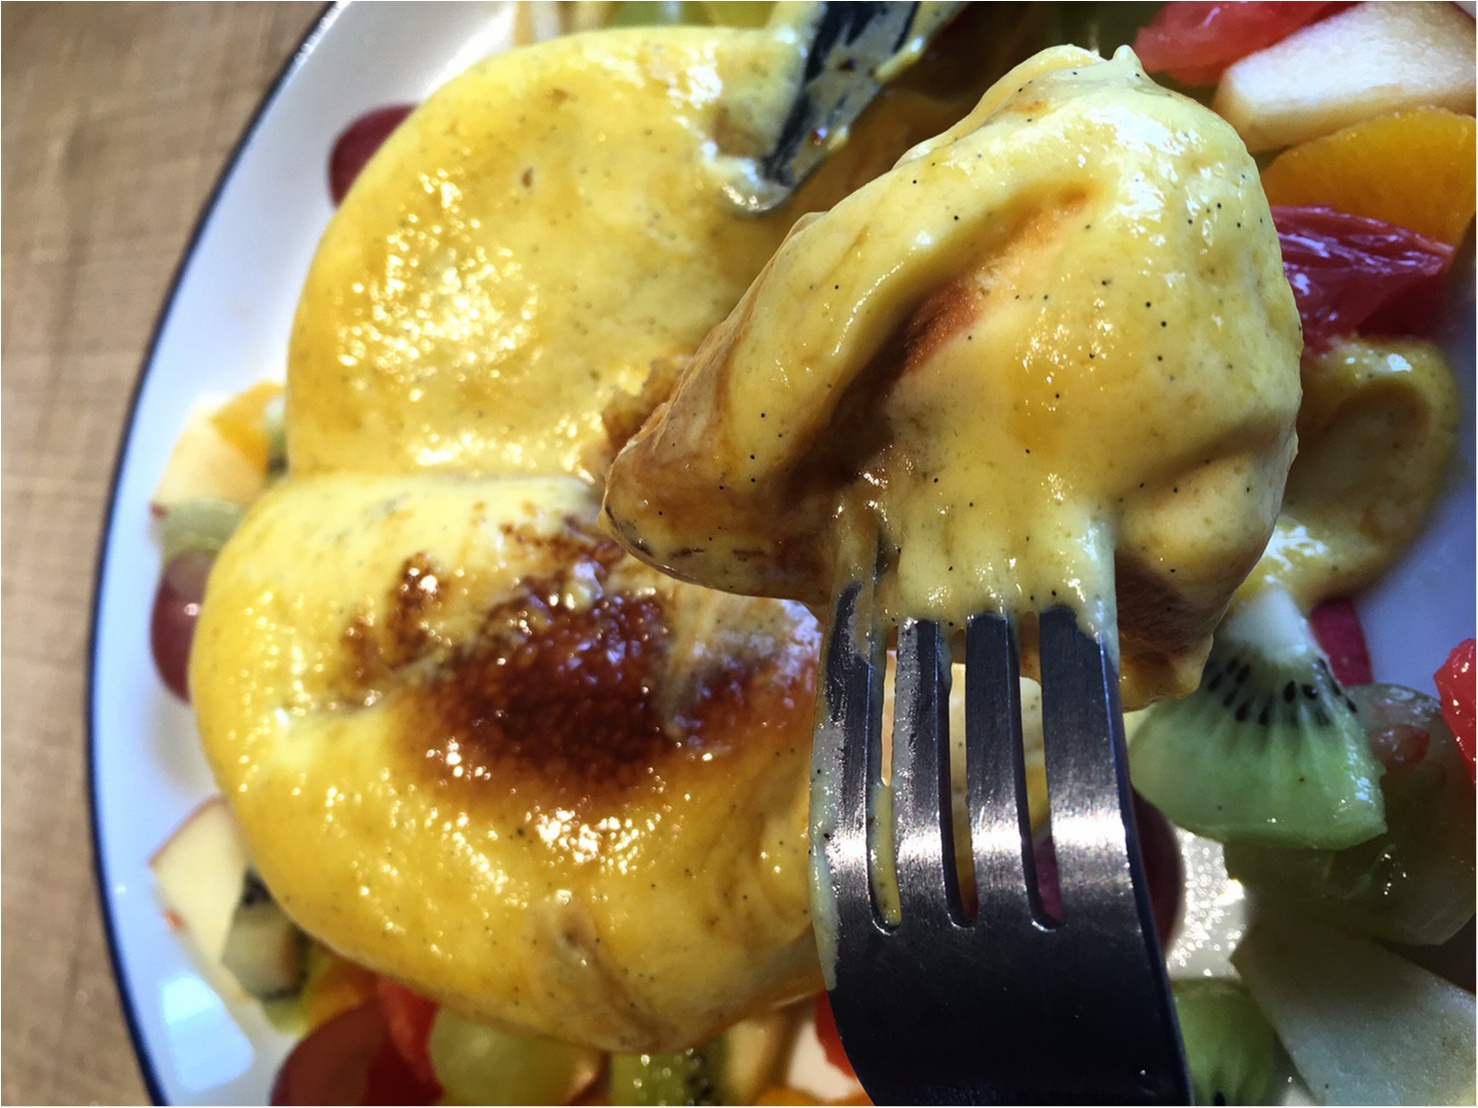 【武蔵小杉】とろぉ〜ふわぁ〜。雑誌で見かけて食べたかったクリームブリュレパンケーキ!_5